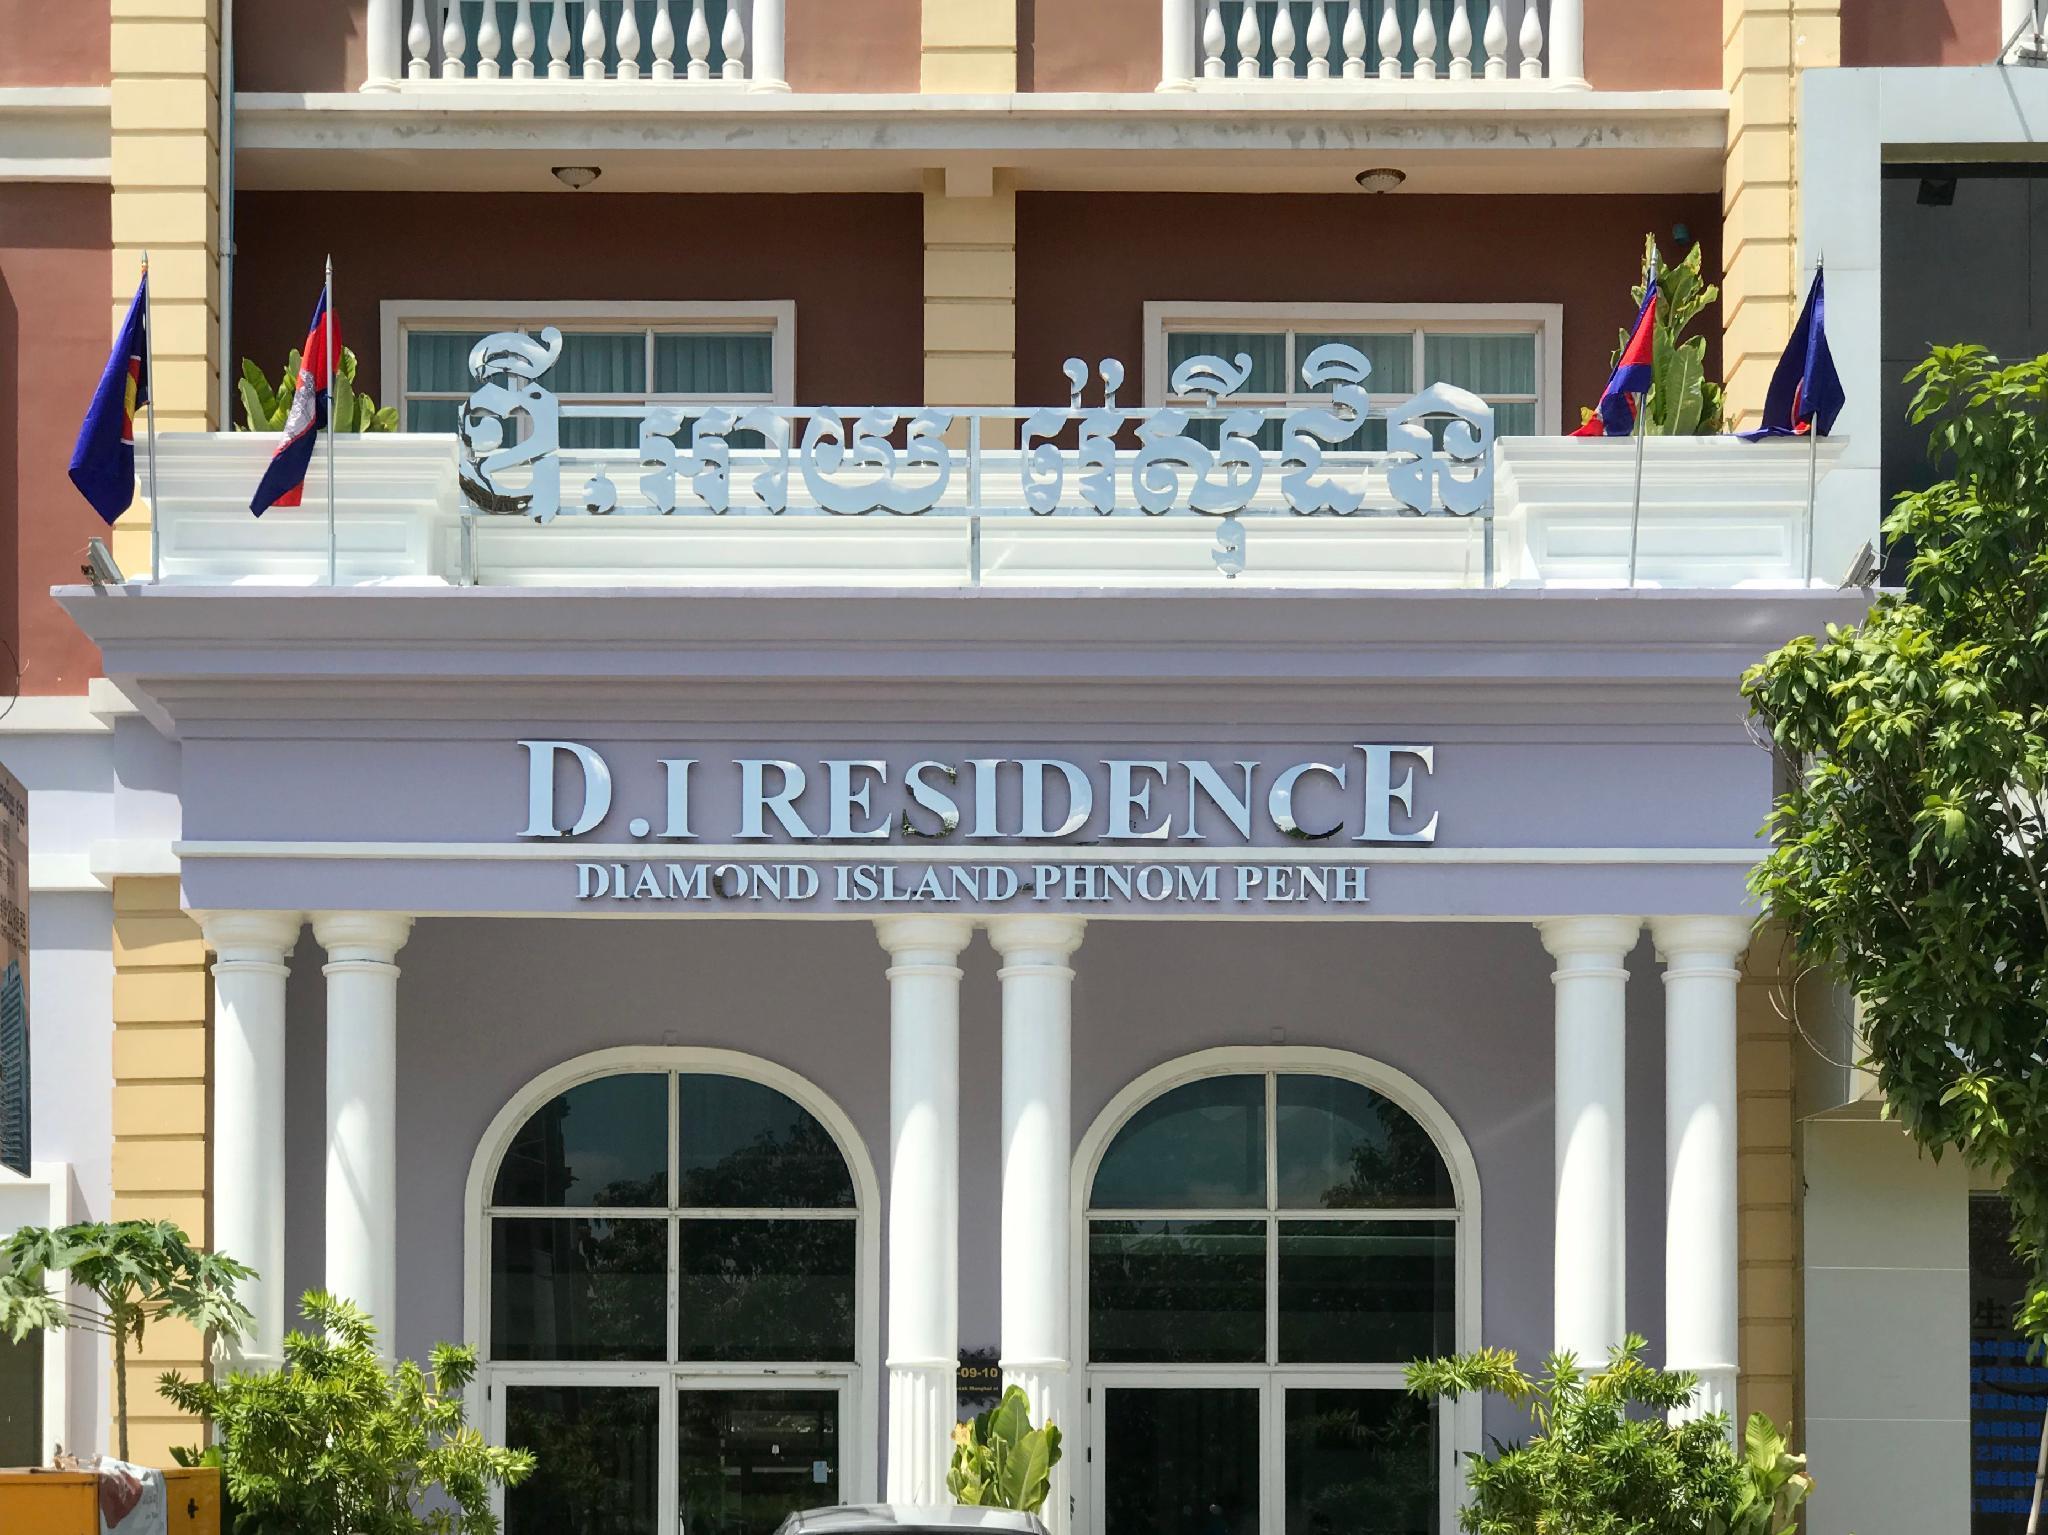 D.I Residence